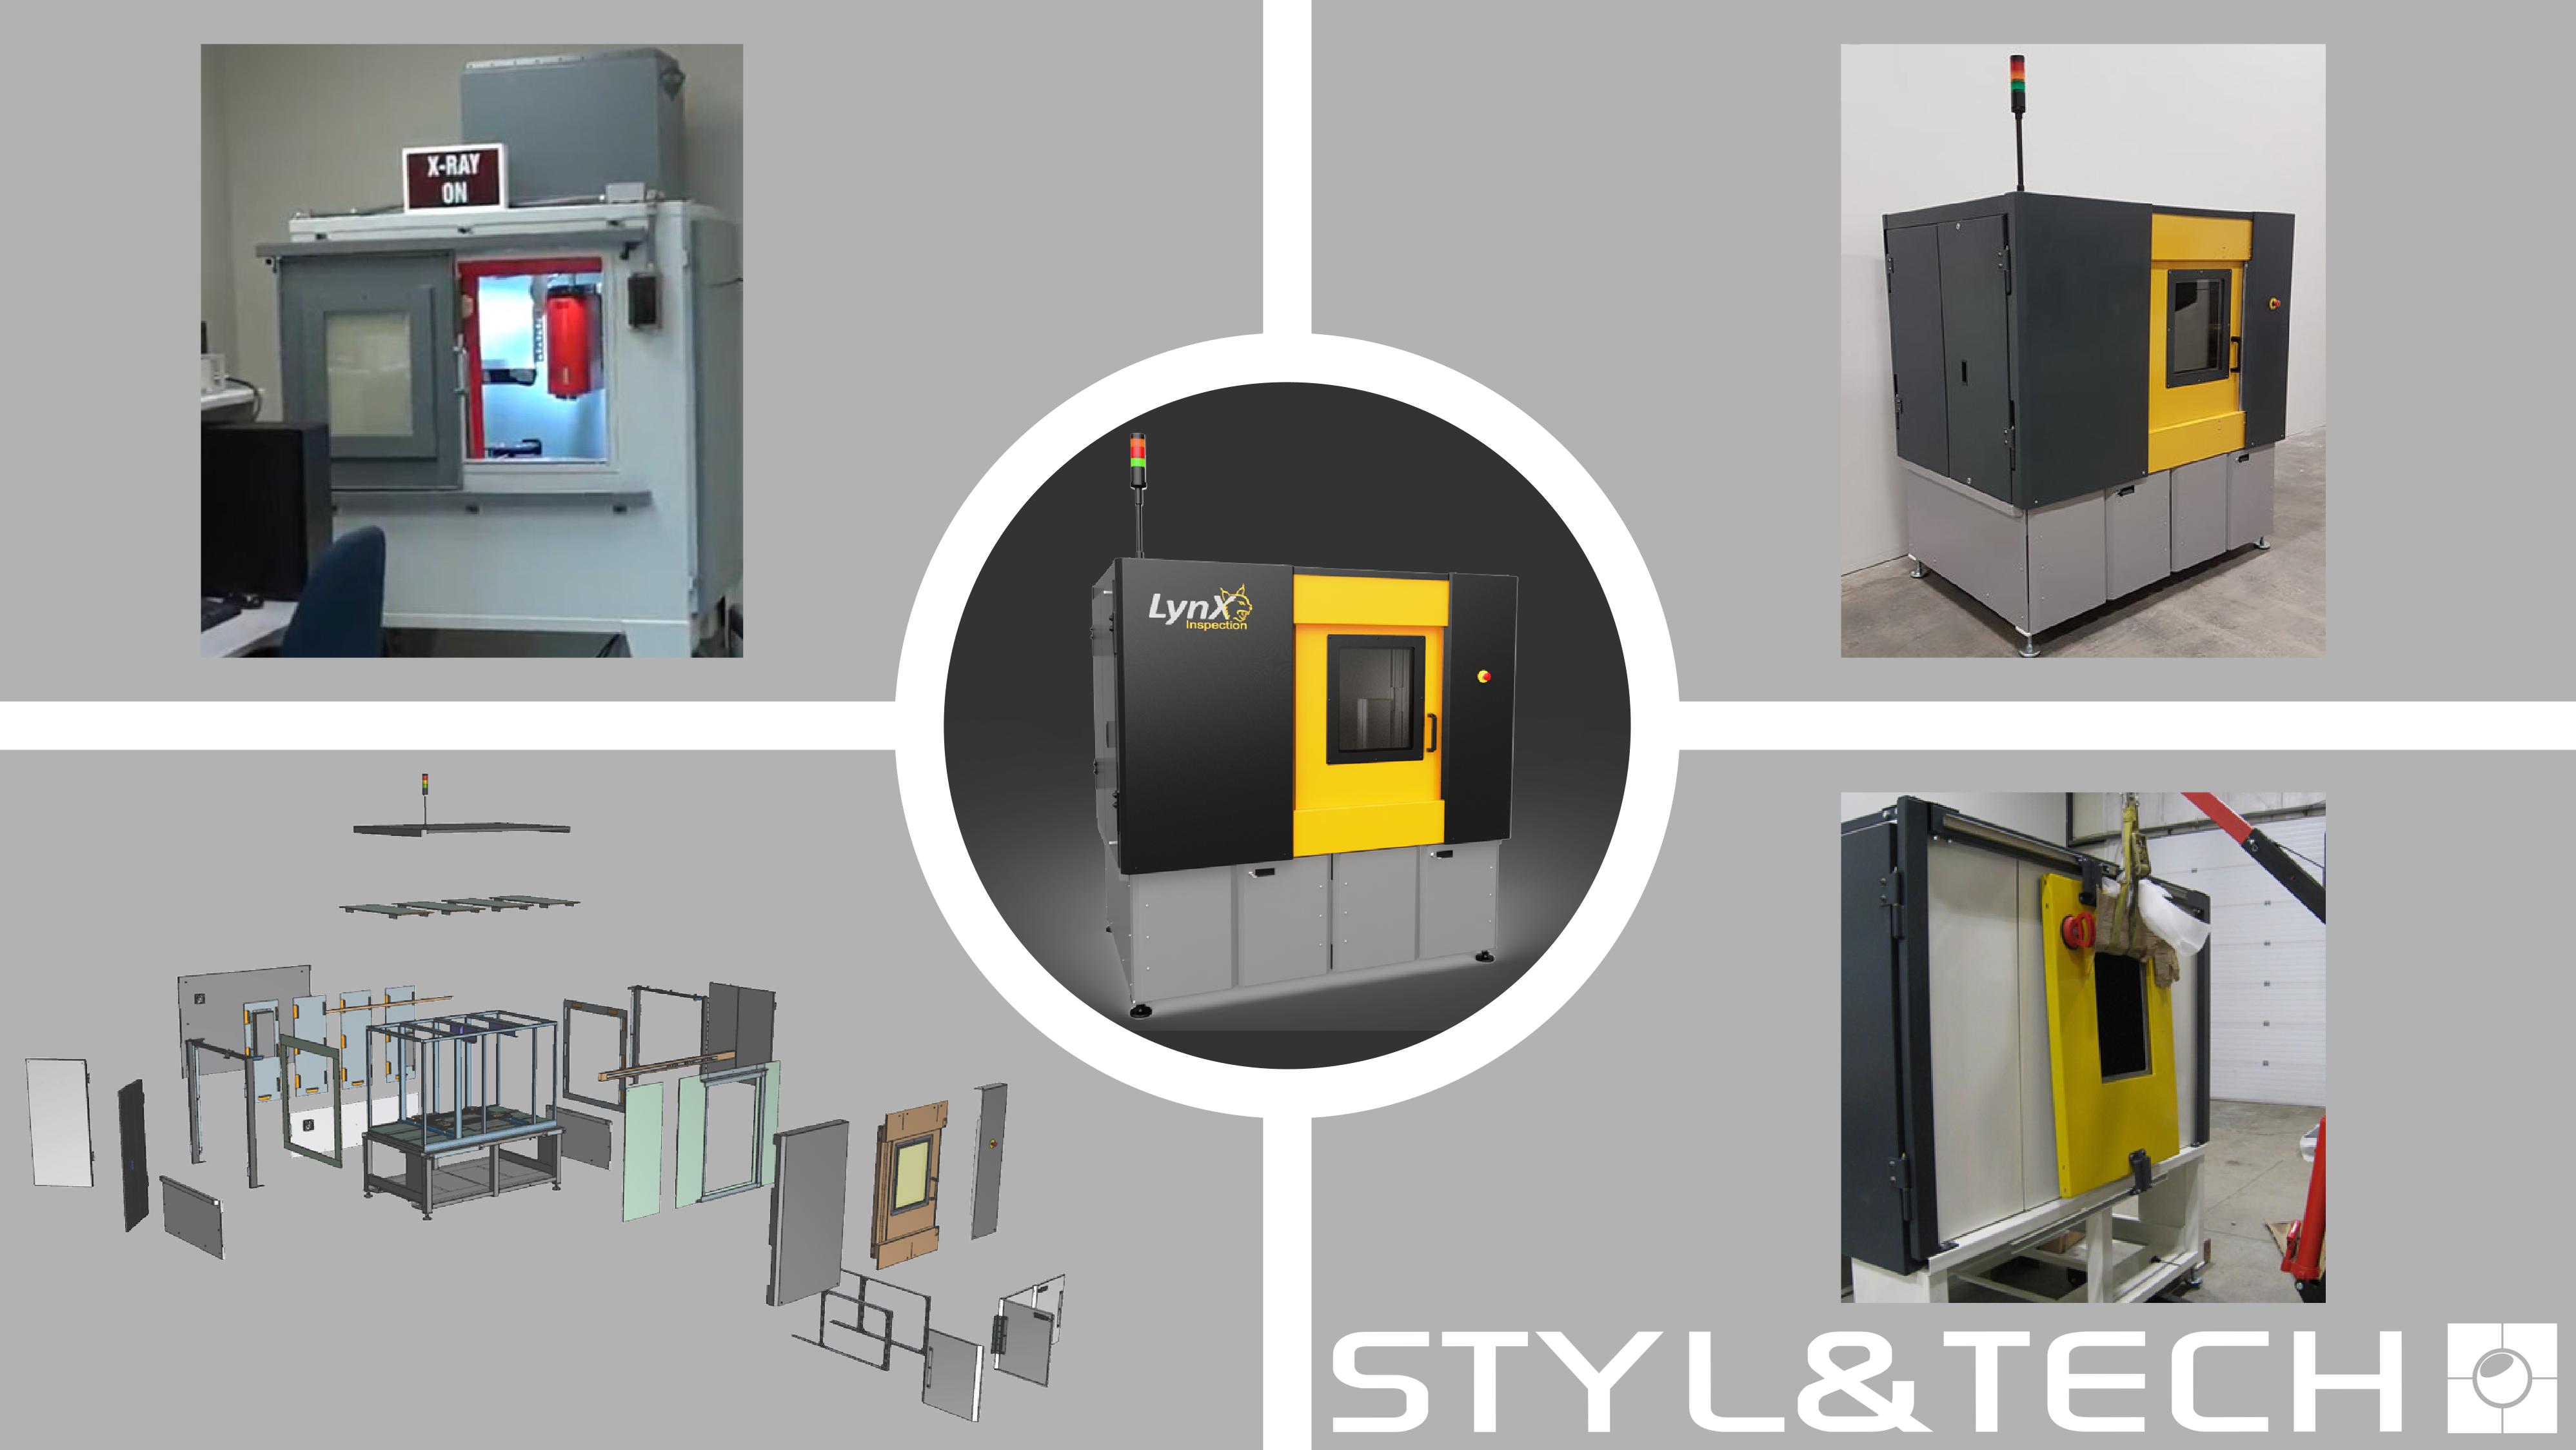 STYL&TECH et LynX Inspection s'unissent afin de rendre leur produit prêt pour le marché.